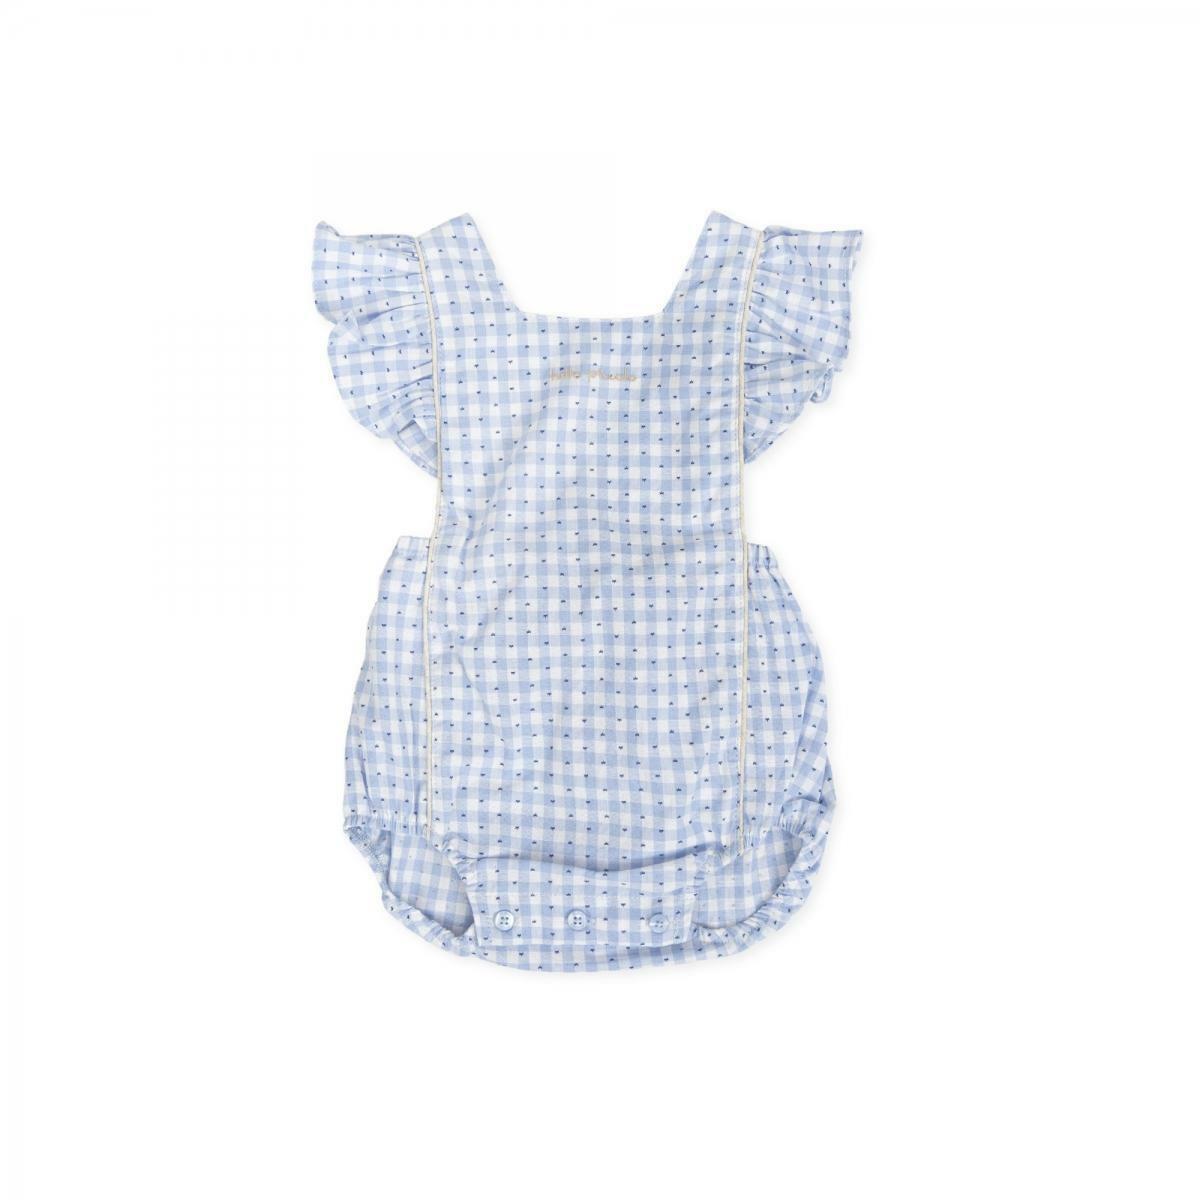 tutto piccolo tutto piccolo pagliacetto neonato azzurro 8711s20/b03